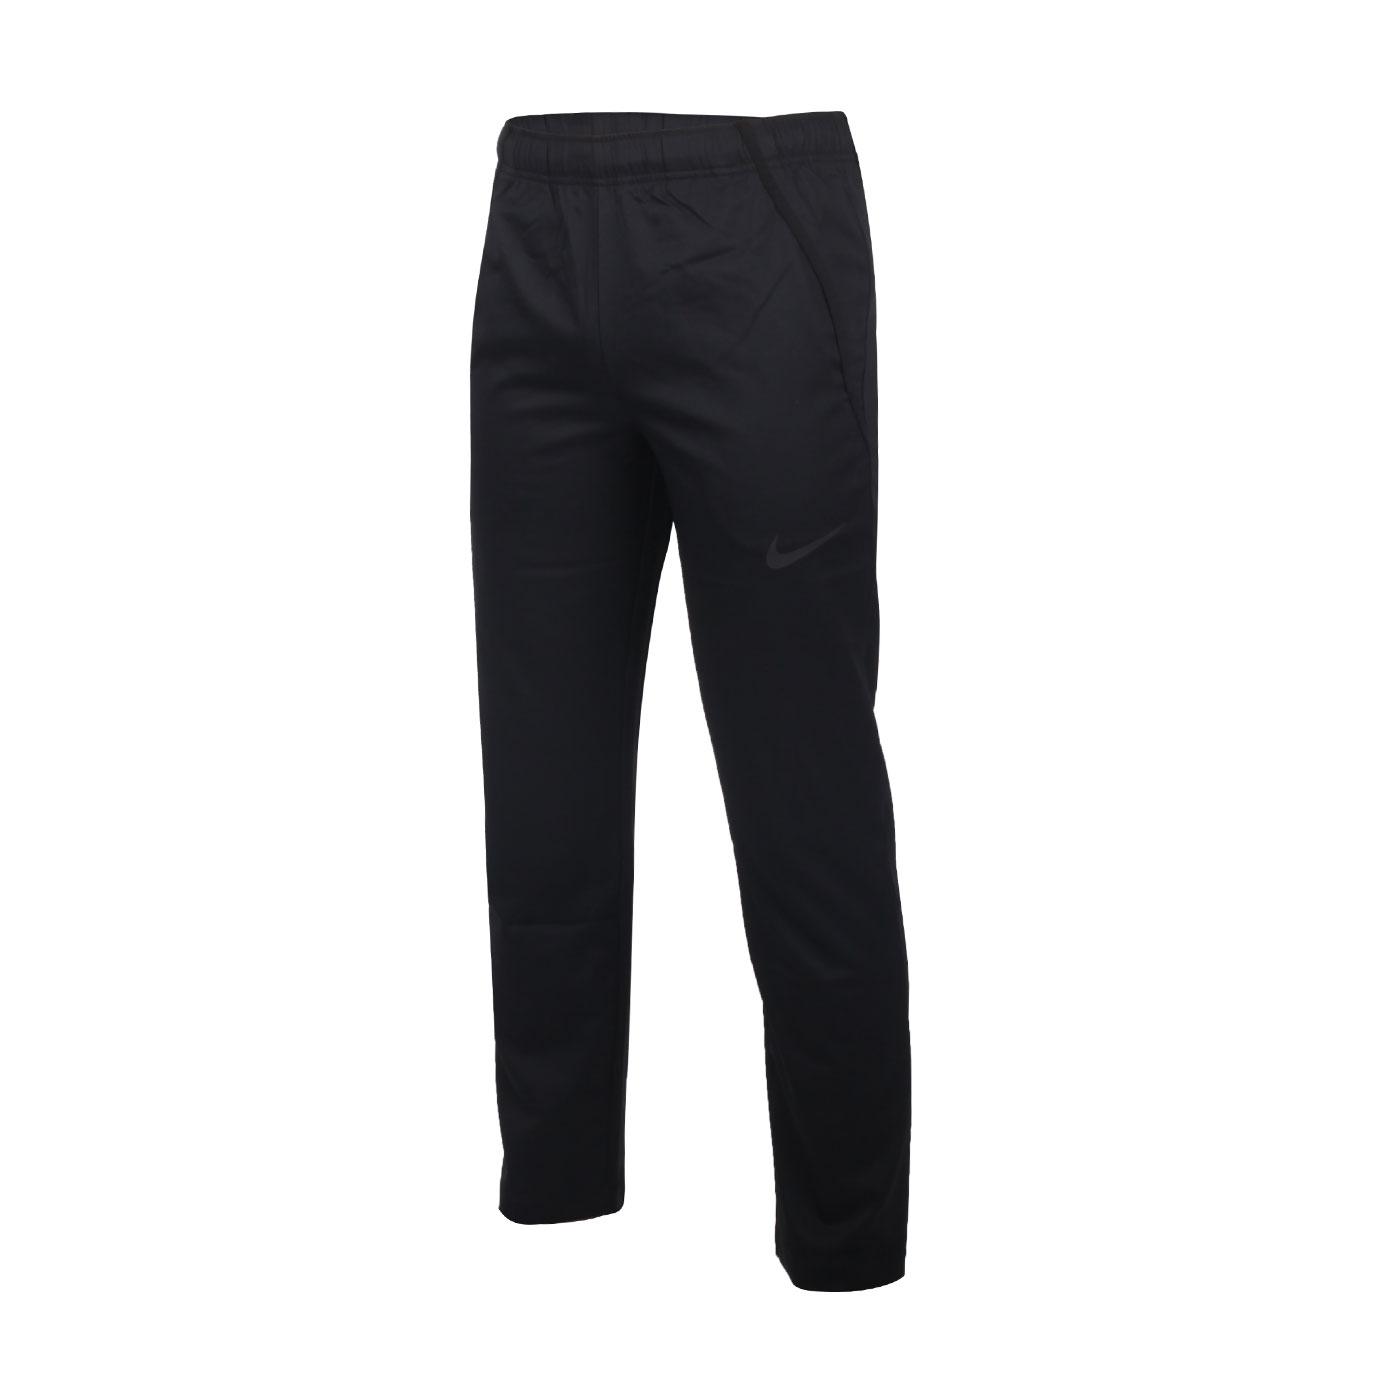 NIKE 男款梭織訓練長褲 CU4958-010